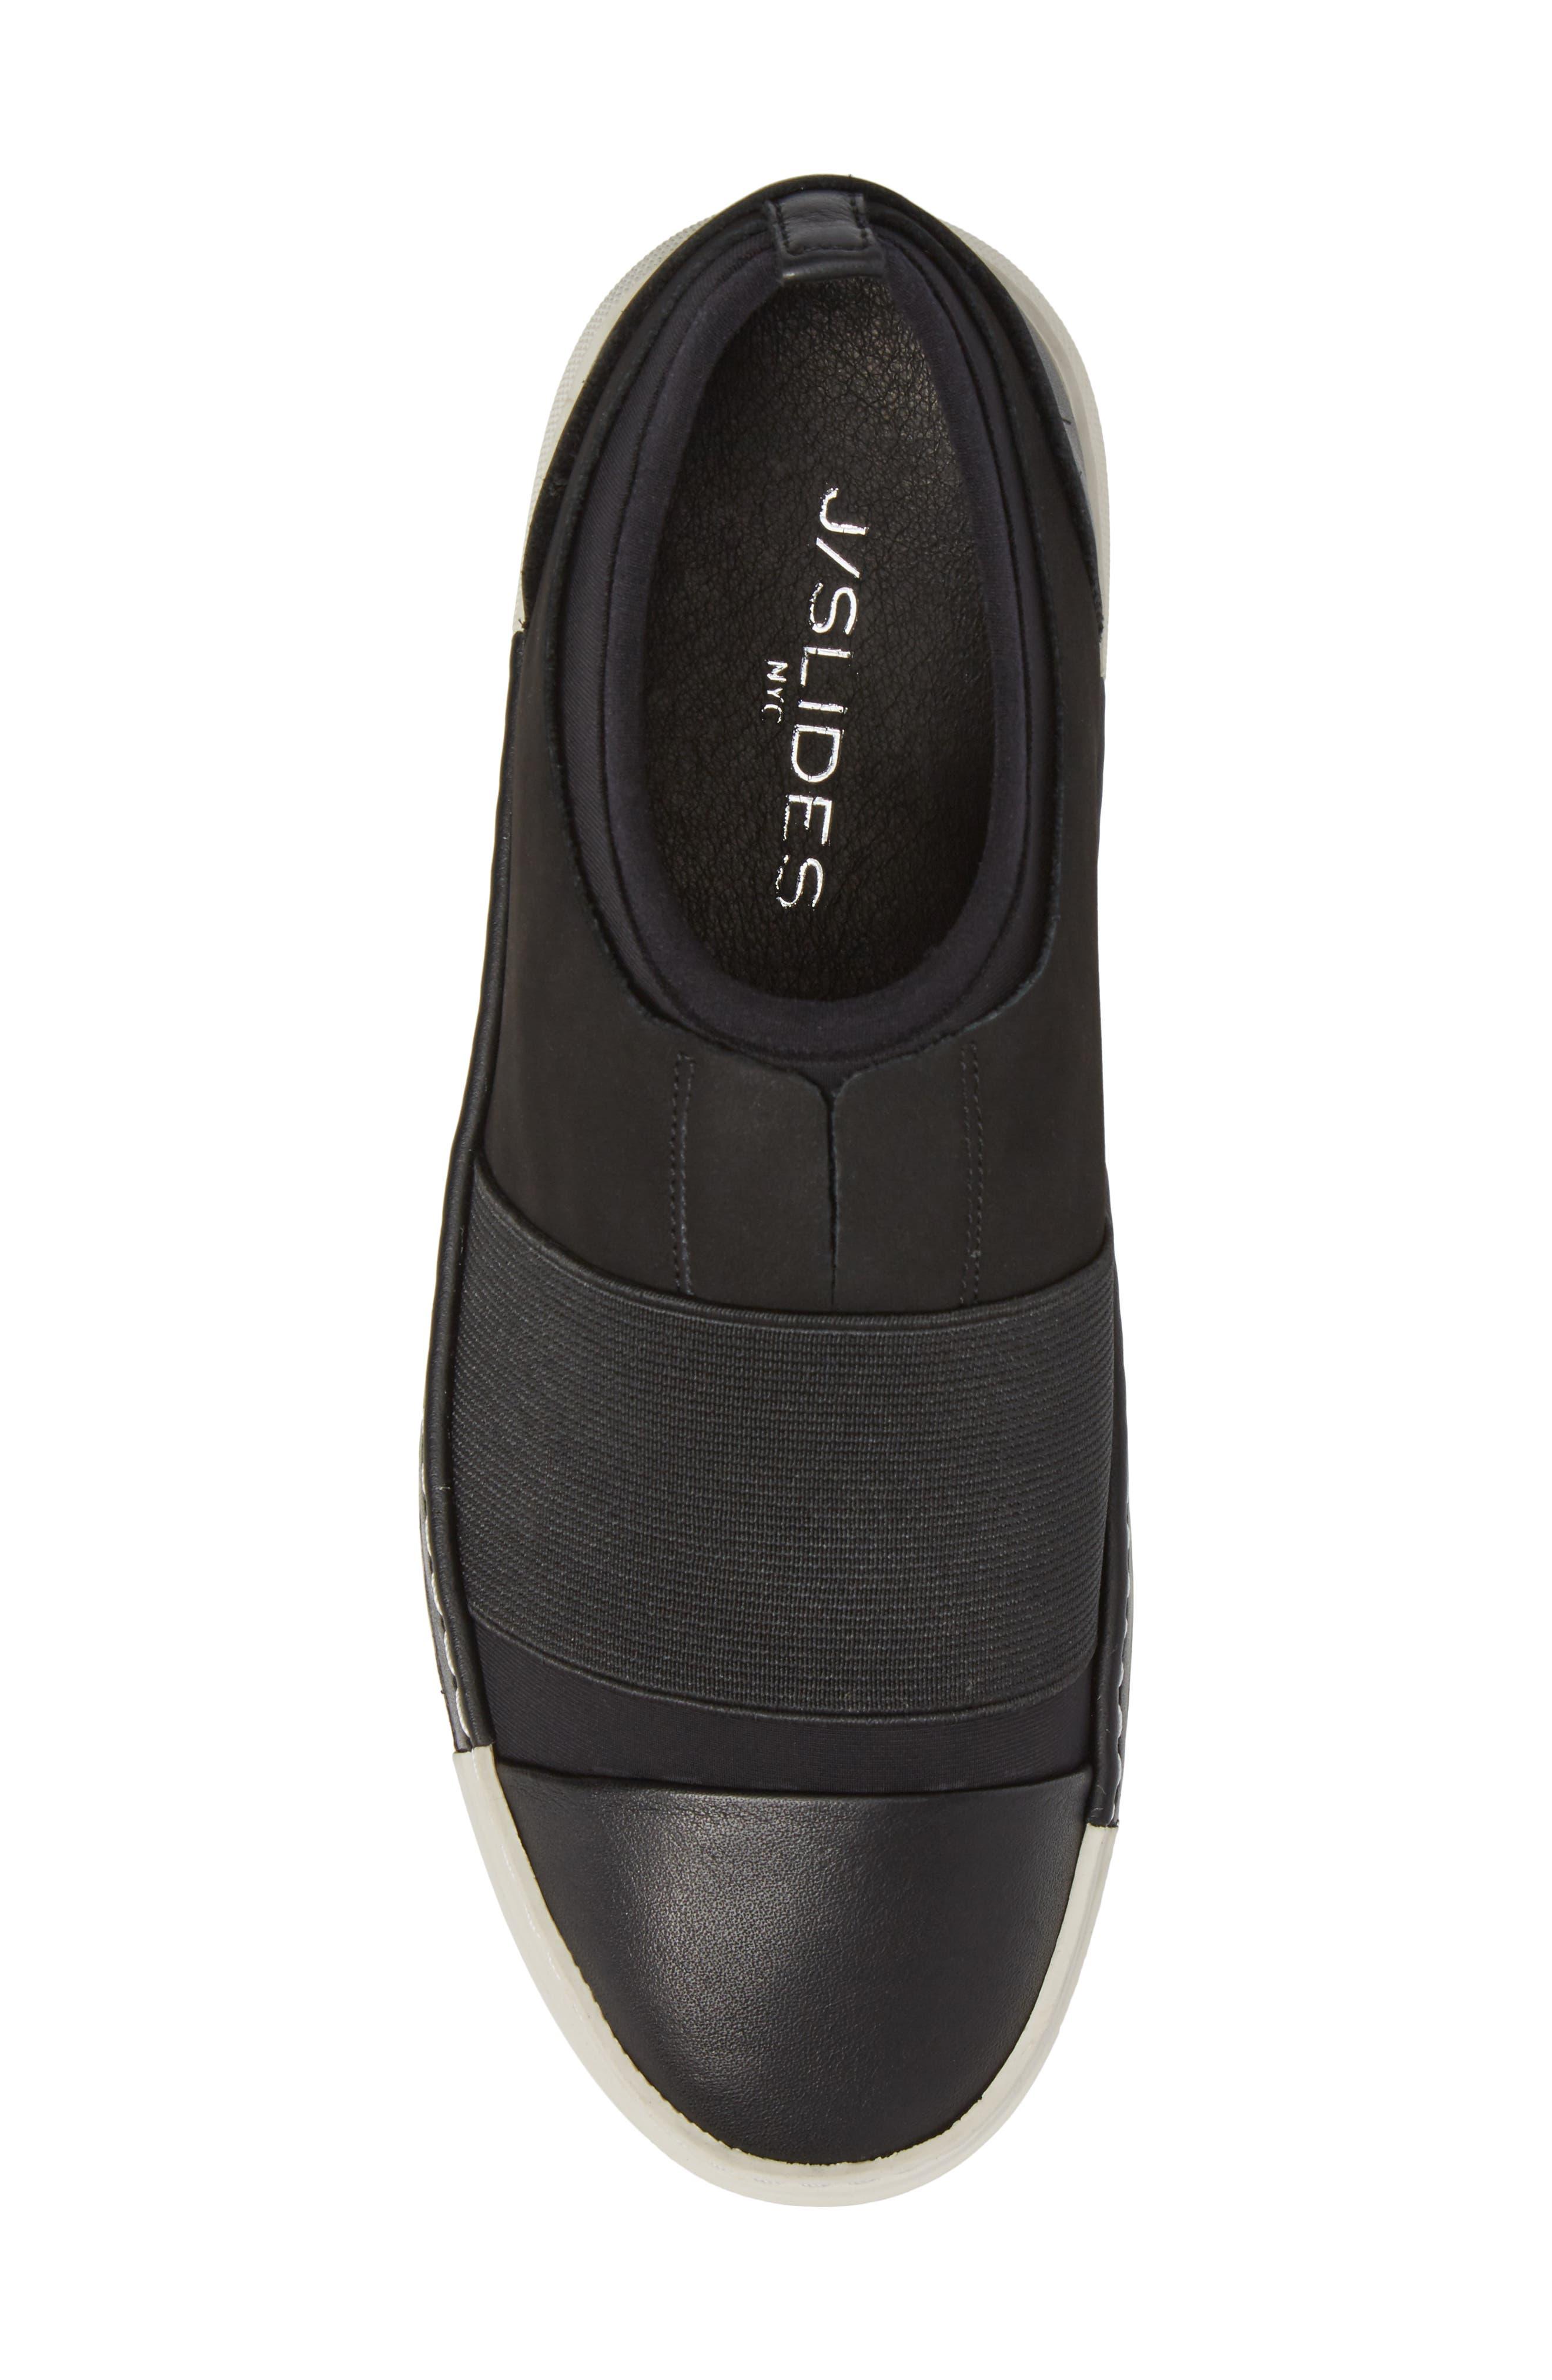 Voila Slip-On Sneaker,                             Alternate thumbnail 5, color,                             015